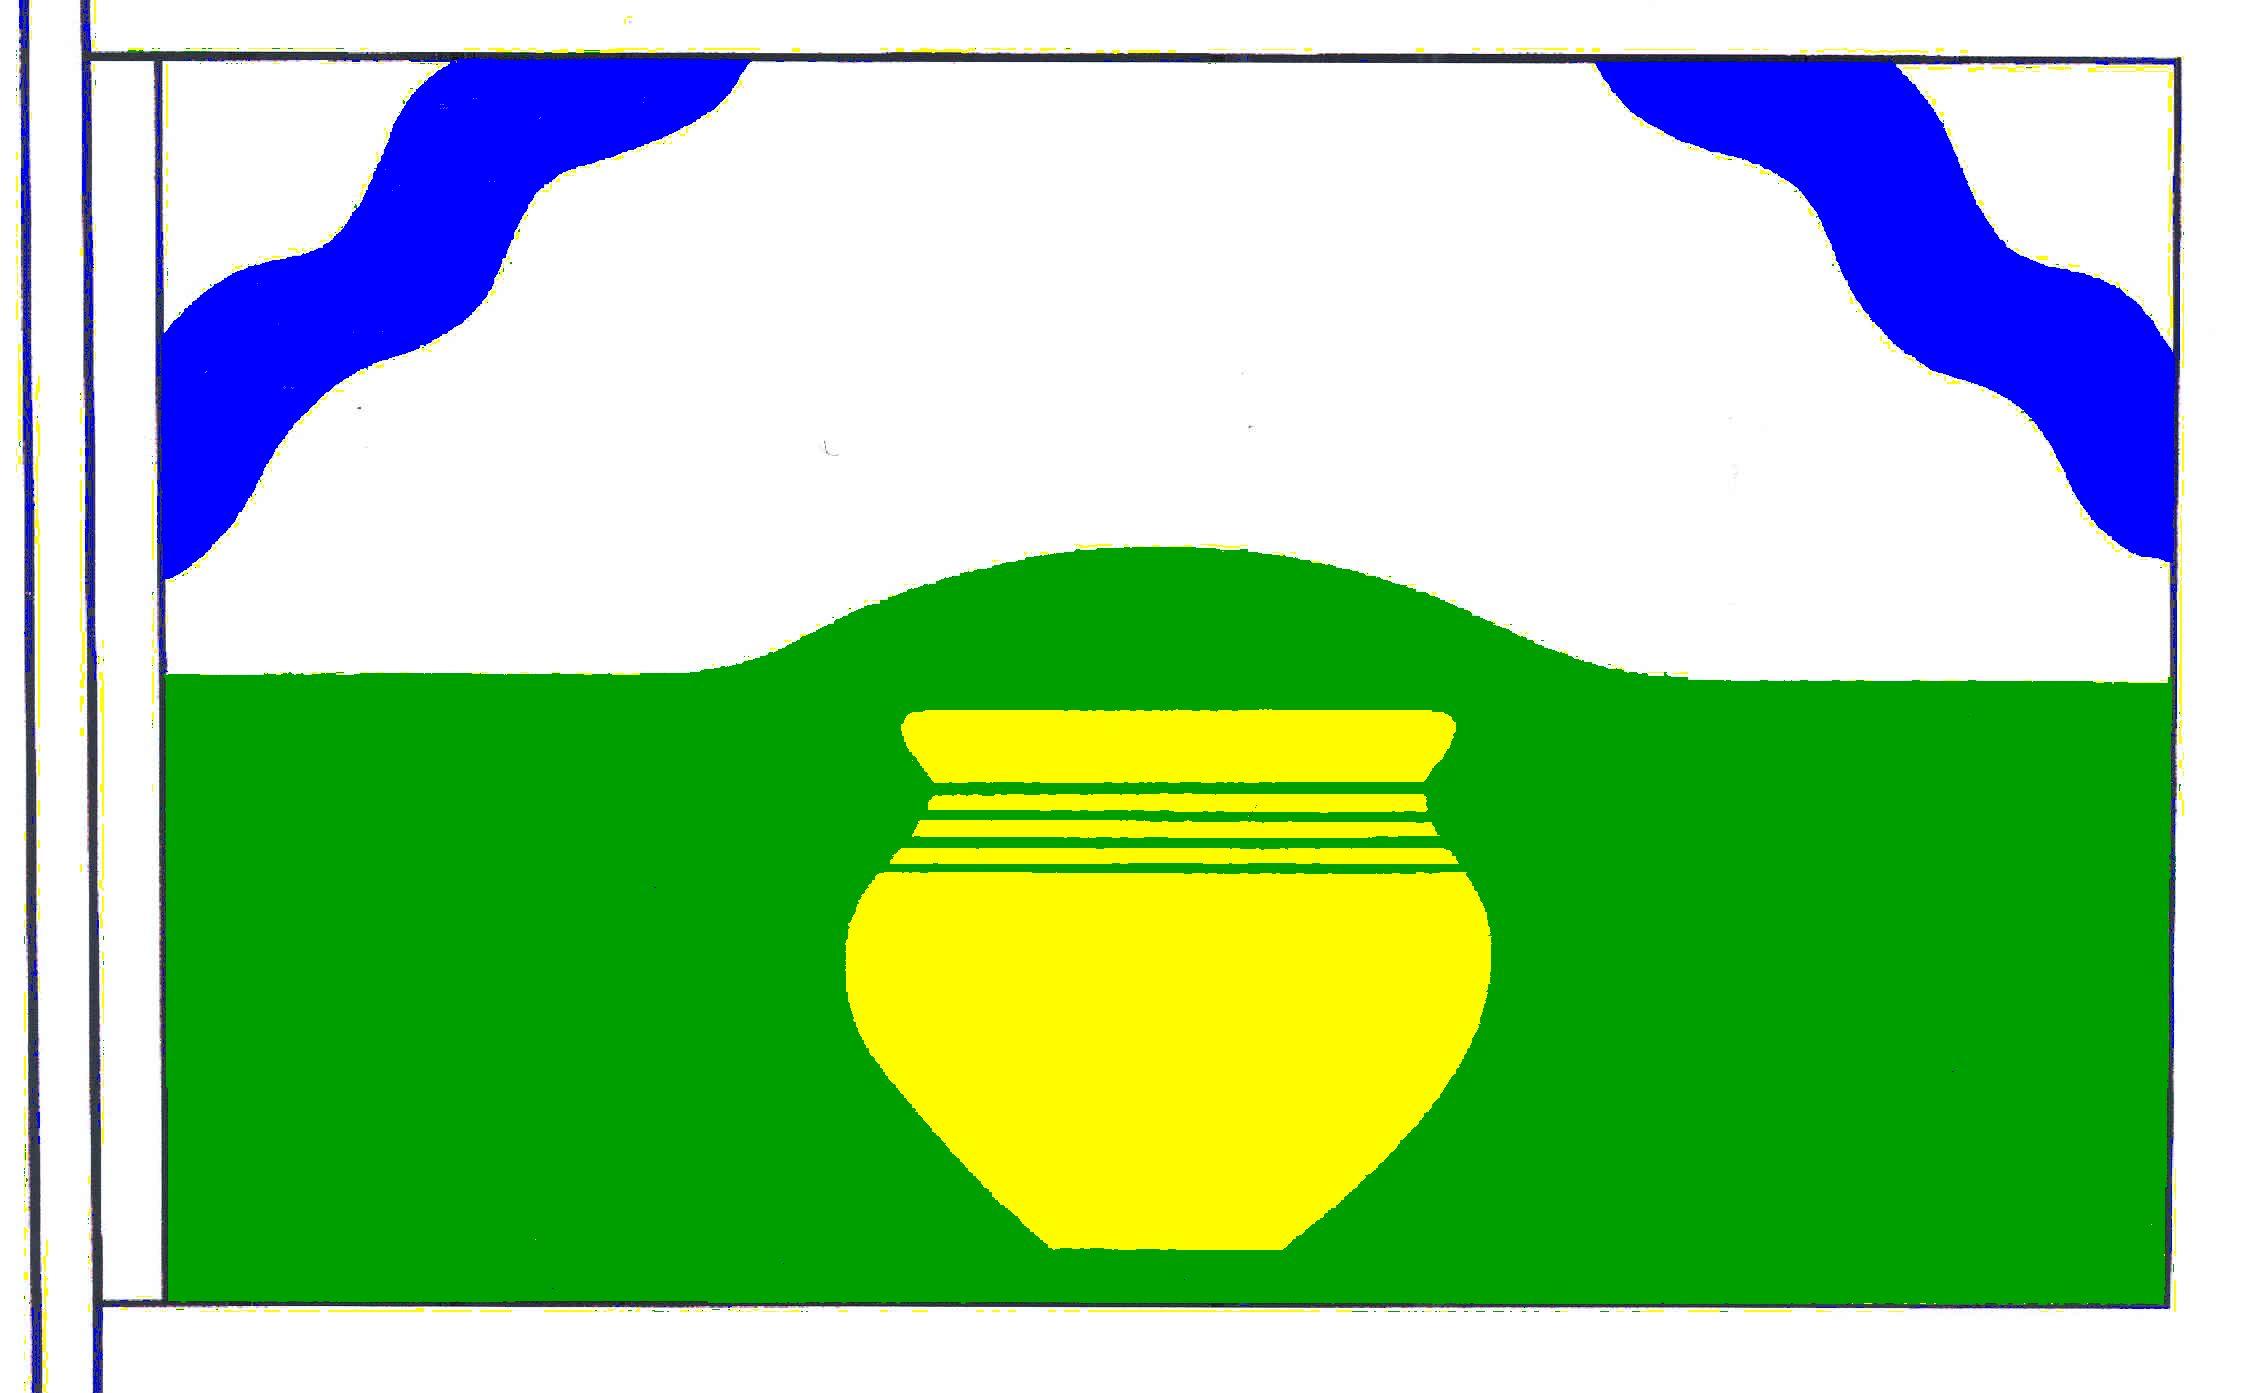 Flagge GemeindeSchwissel, Kreis Segeberg